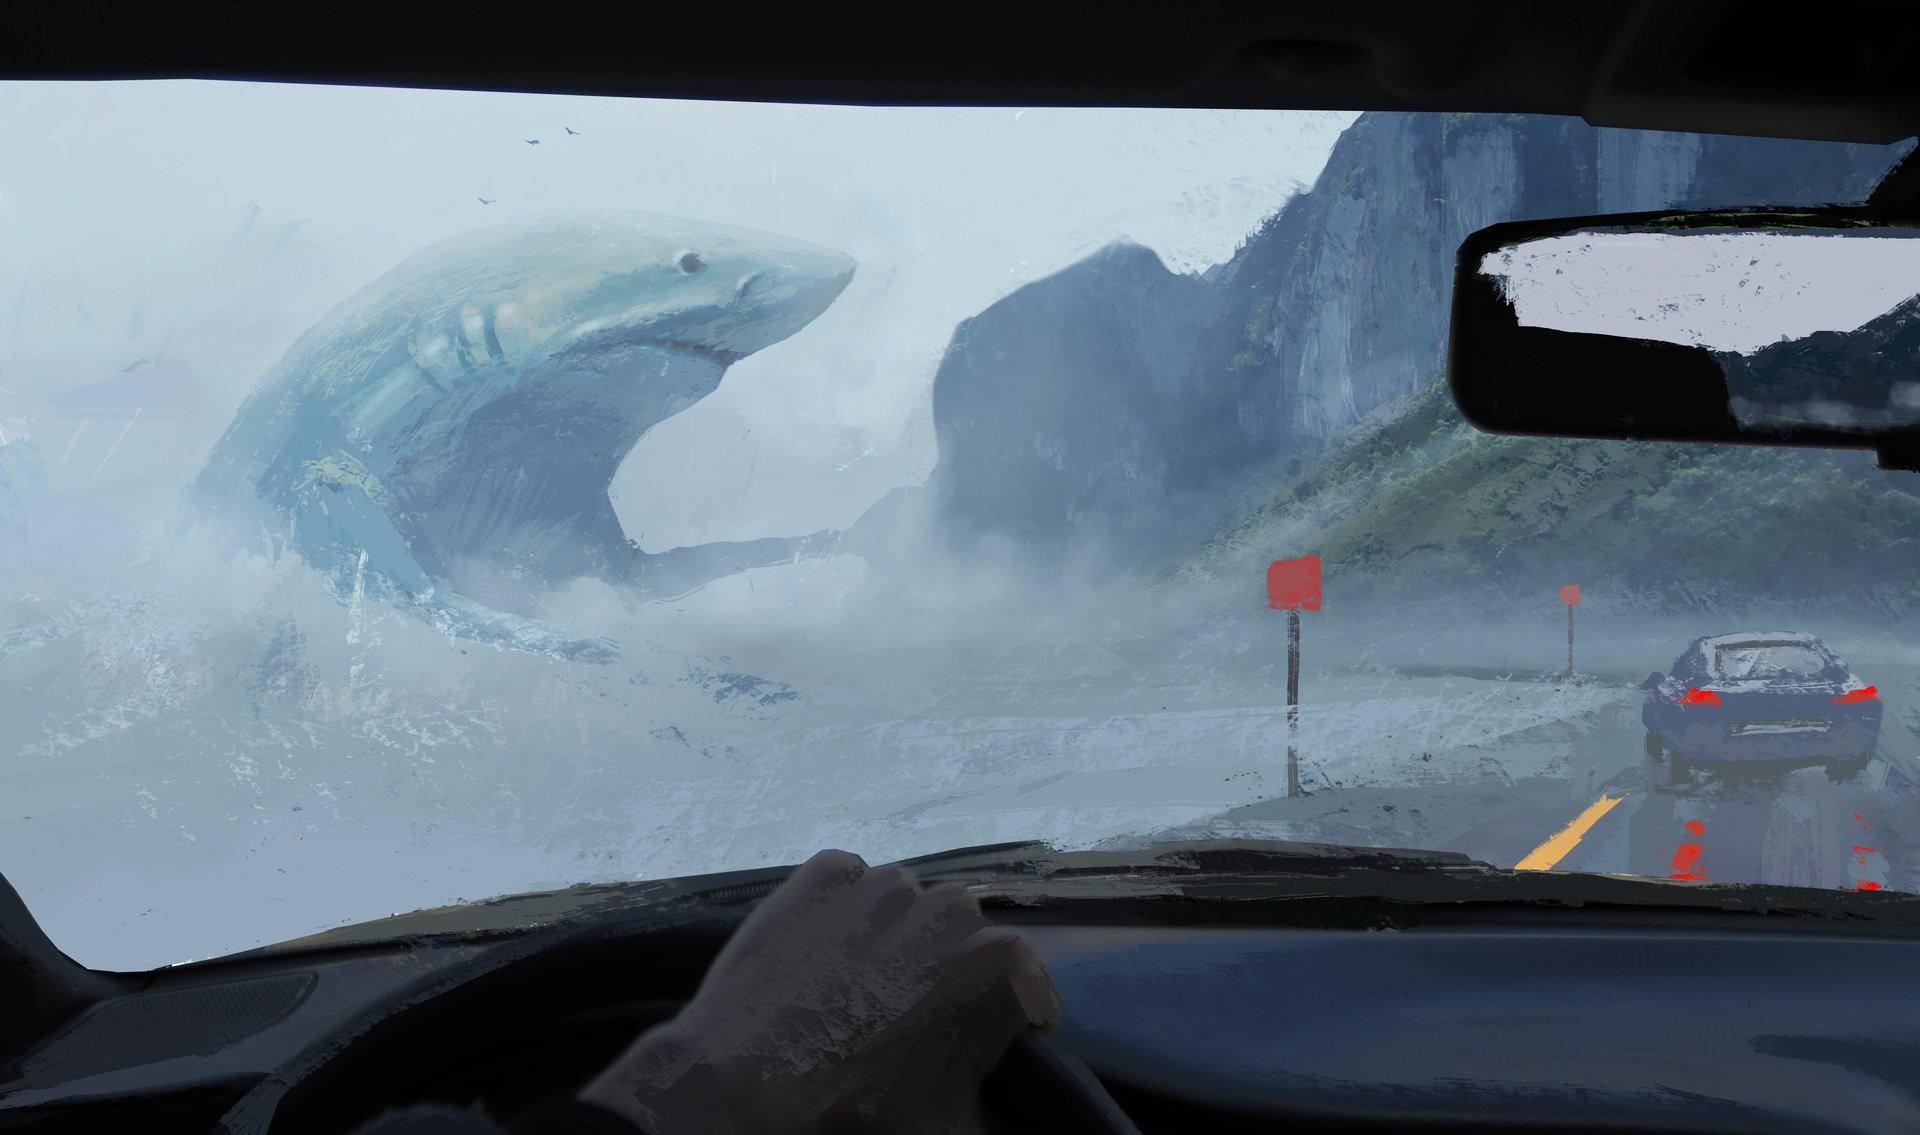 Masaüstü Boyama Dijital Sanat Hayvanlar Fantezi Sanatı Deniz